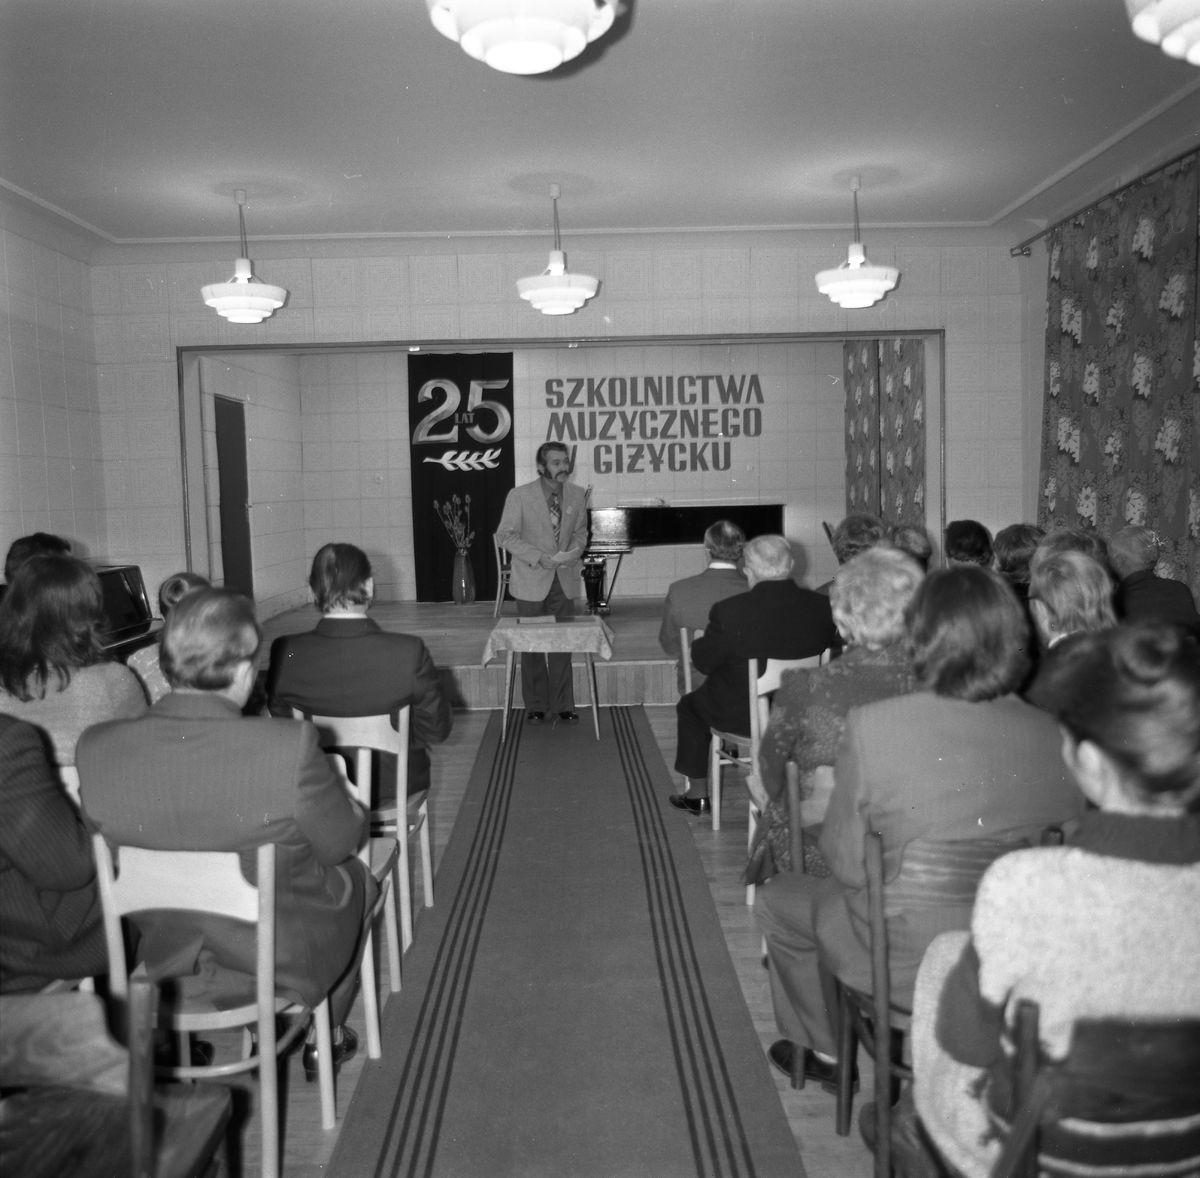 25-lecie szkoły muzycznej, 1976 r.